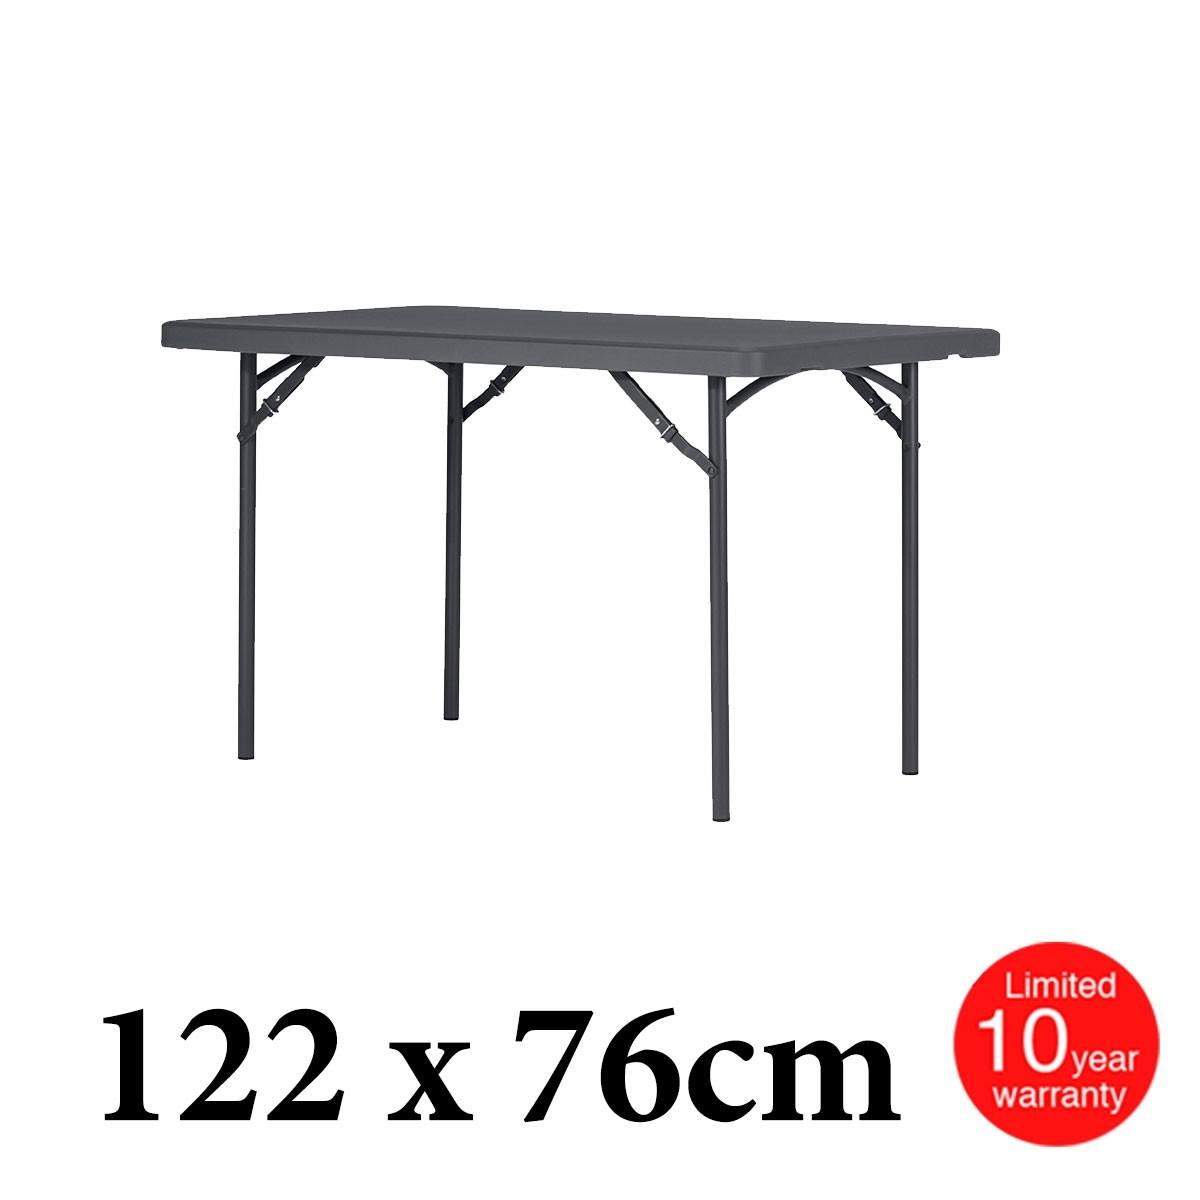 Πτυσσόμενο τραπέζι μακρόστενο Zown XL120